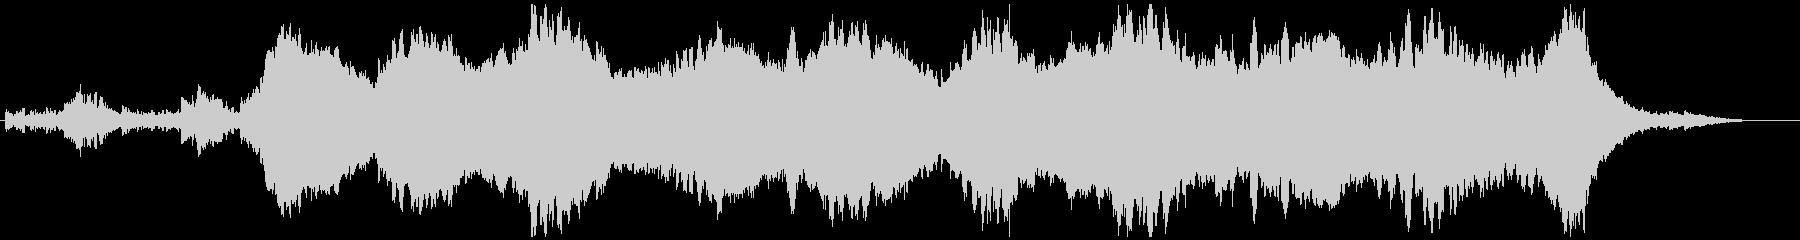 アンビエントミュージック エーテル...の未再生の波形